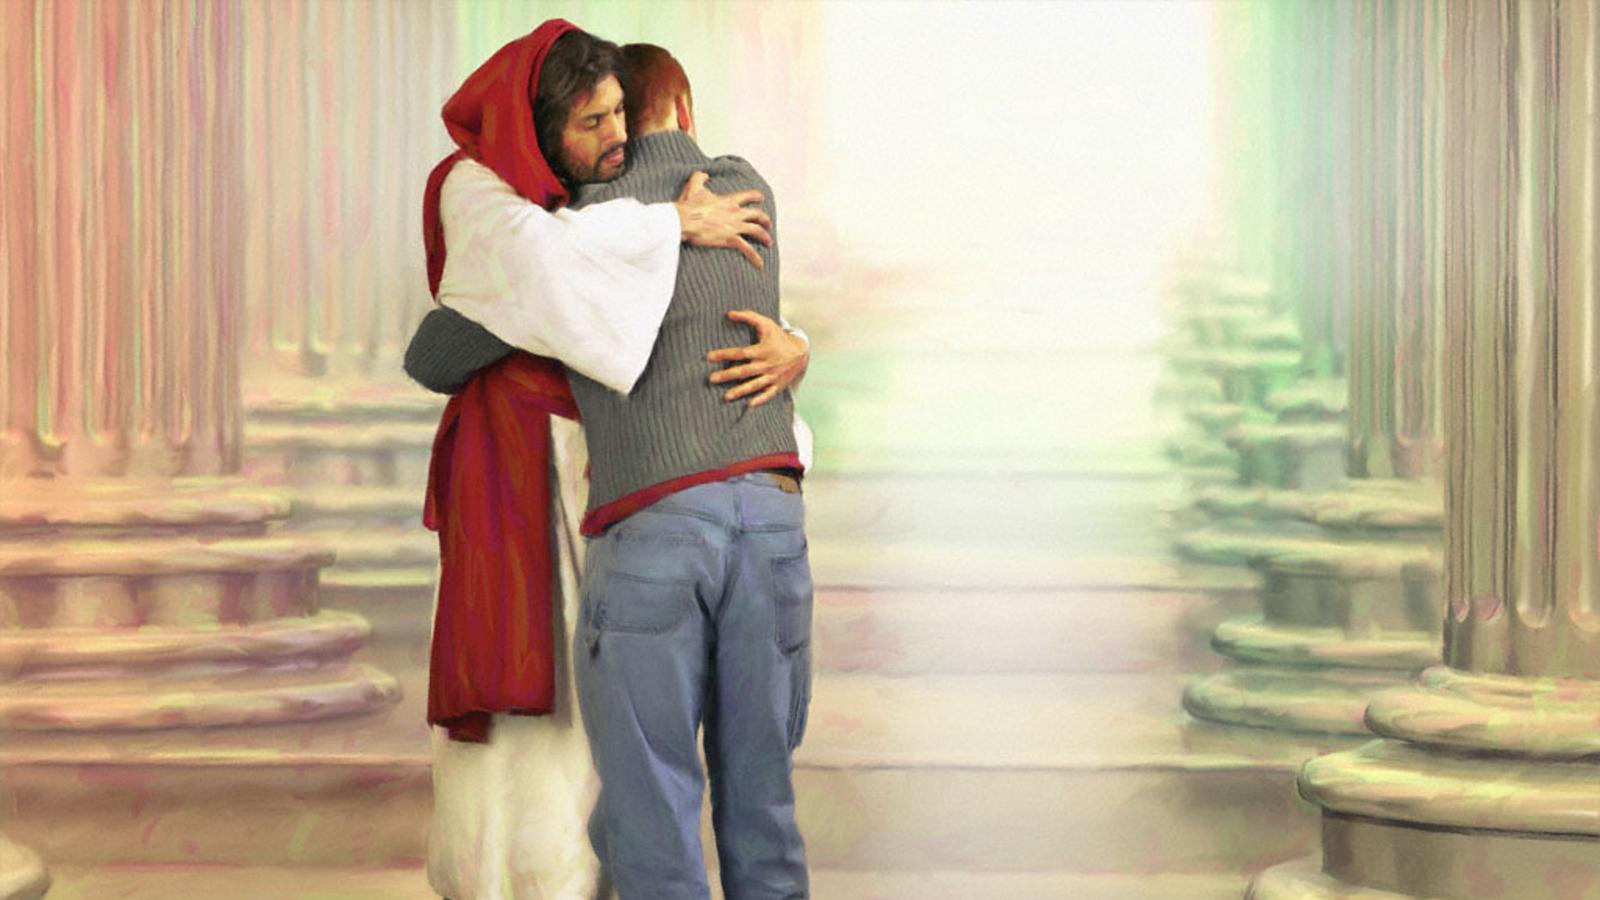 Priez-vous pour la Conversion de votre Famille et de vos Amis(es)? ? - Page 2 Jesus%2BHugging%2BGuy%2BHD